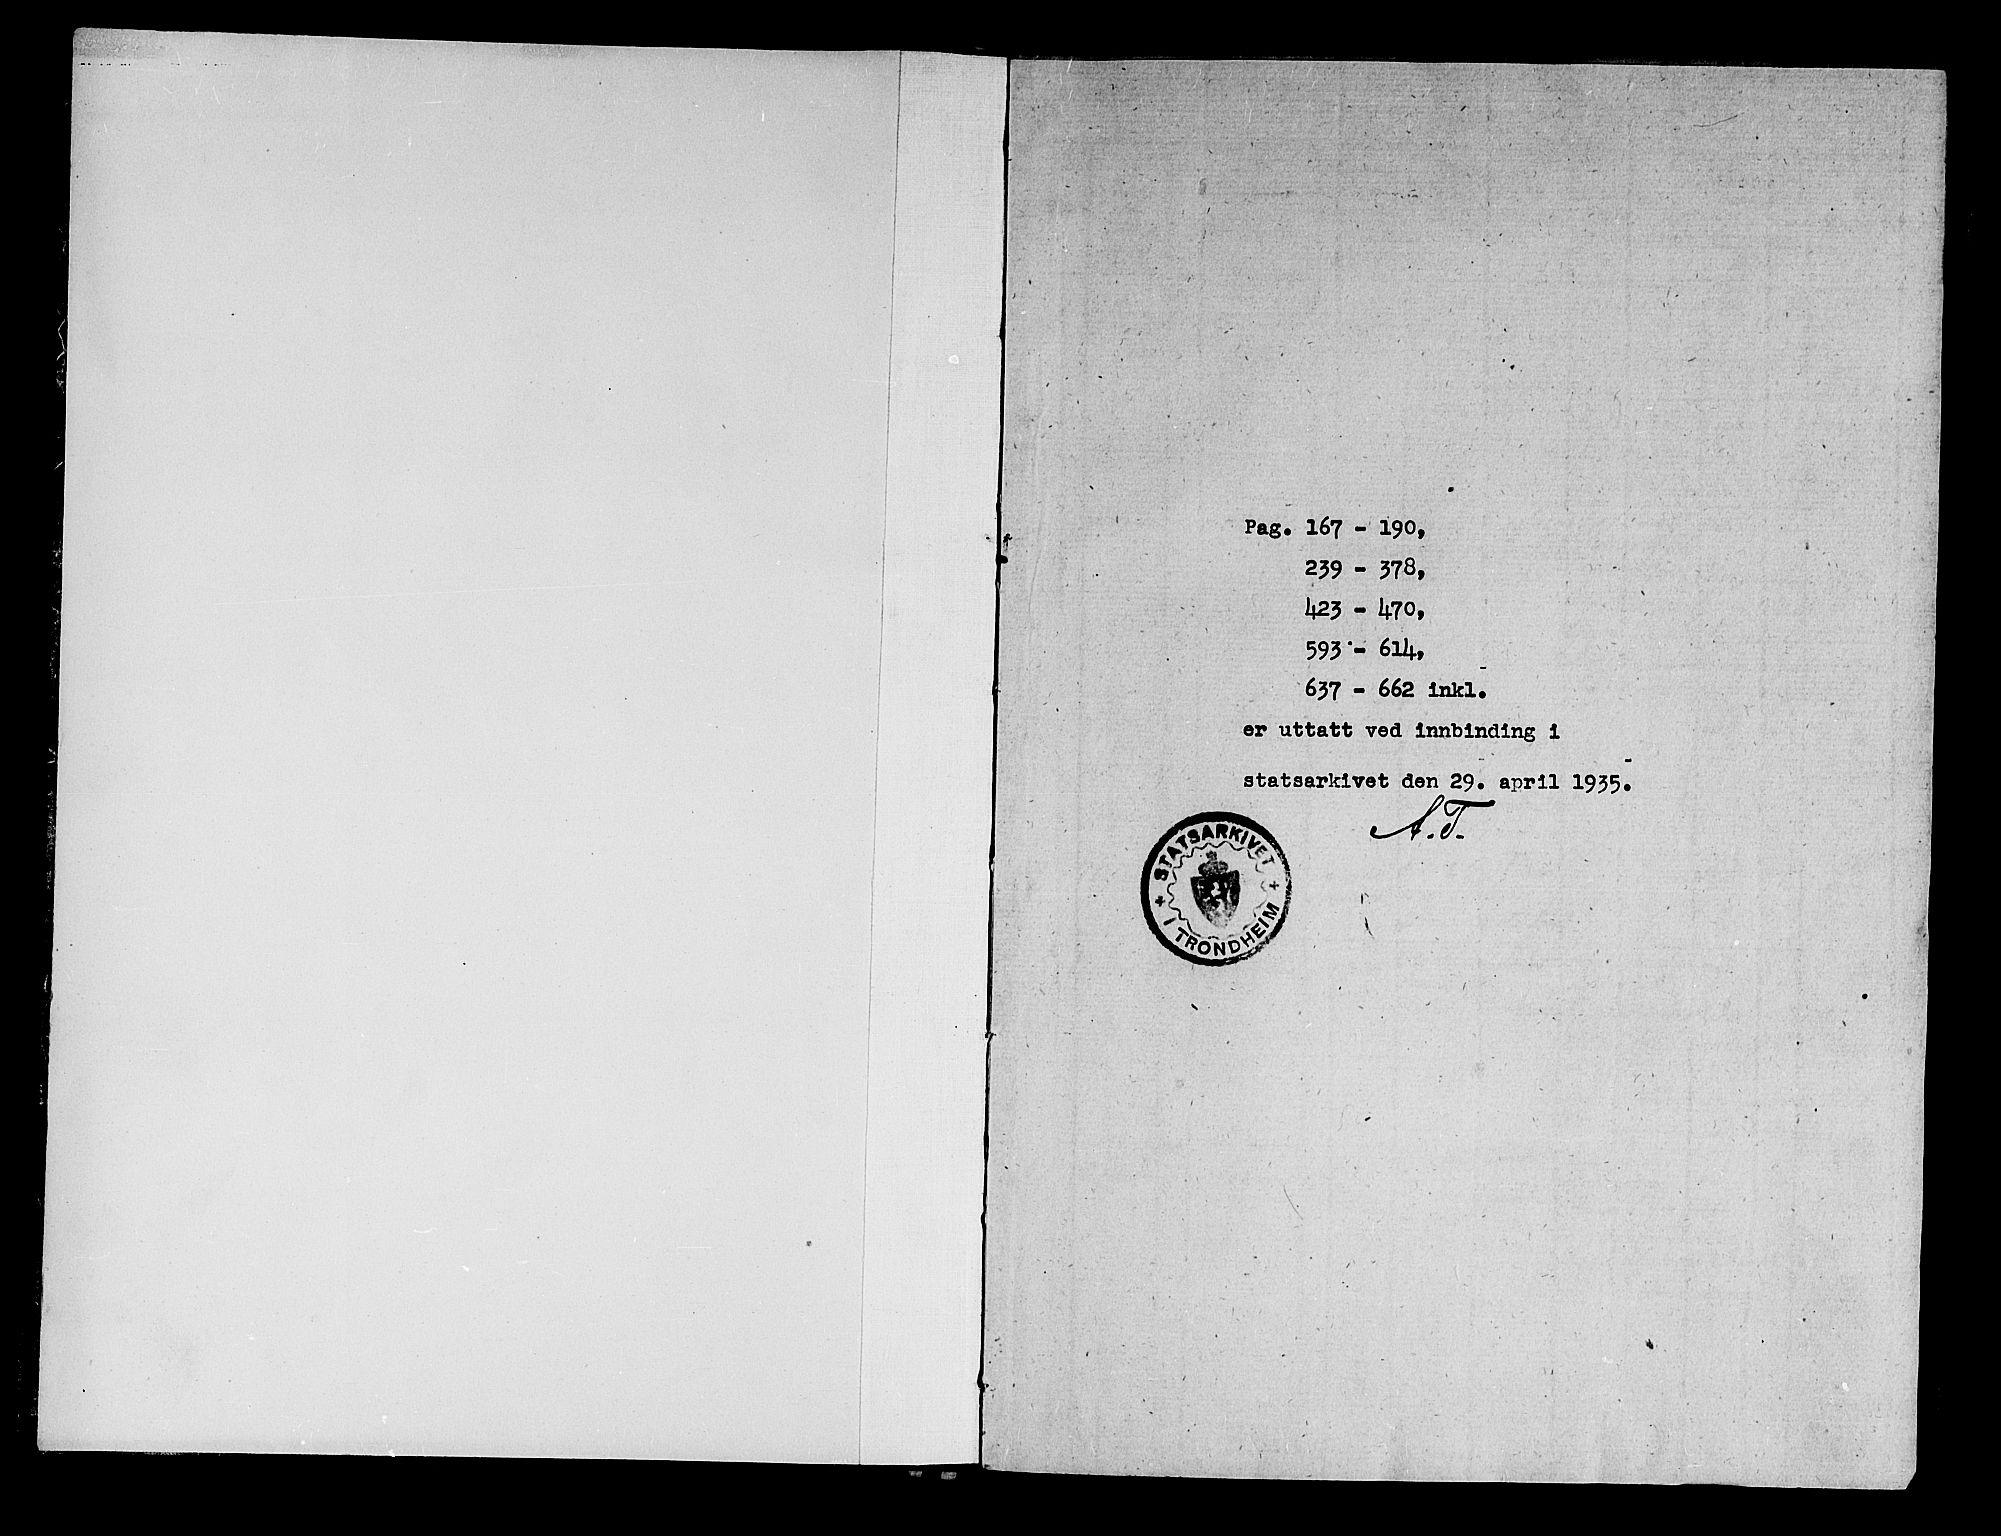 SAT, Ministerialprotokoller, klokkerbøker og fødselsregistre - Nord-Trøndelag, 722/L0217: Ministerialbok nr. 722A04, 1817-1842